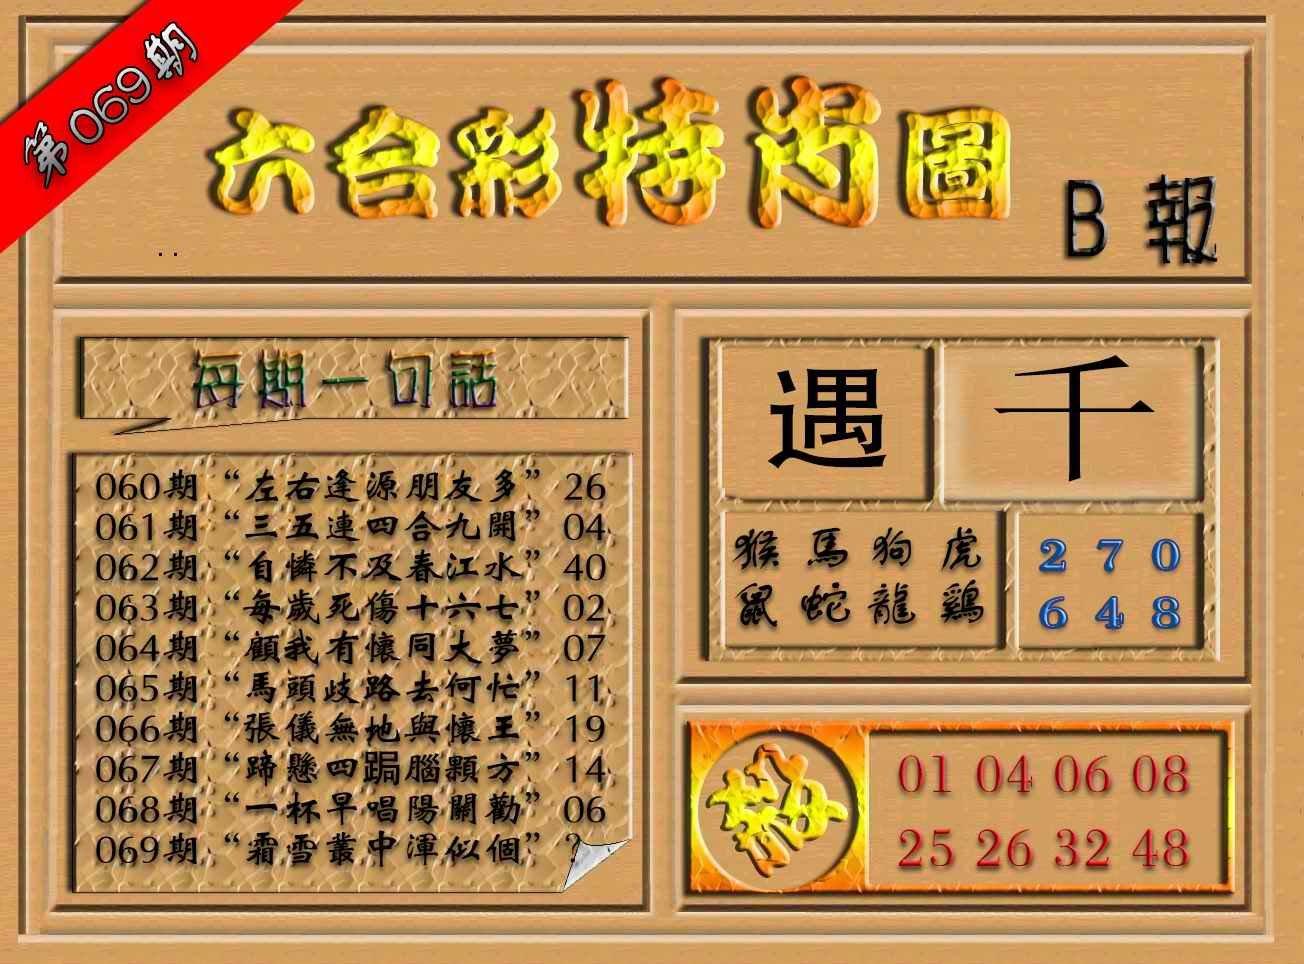 069期六合彩特肖图(B报)